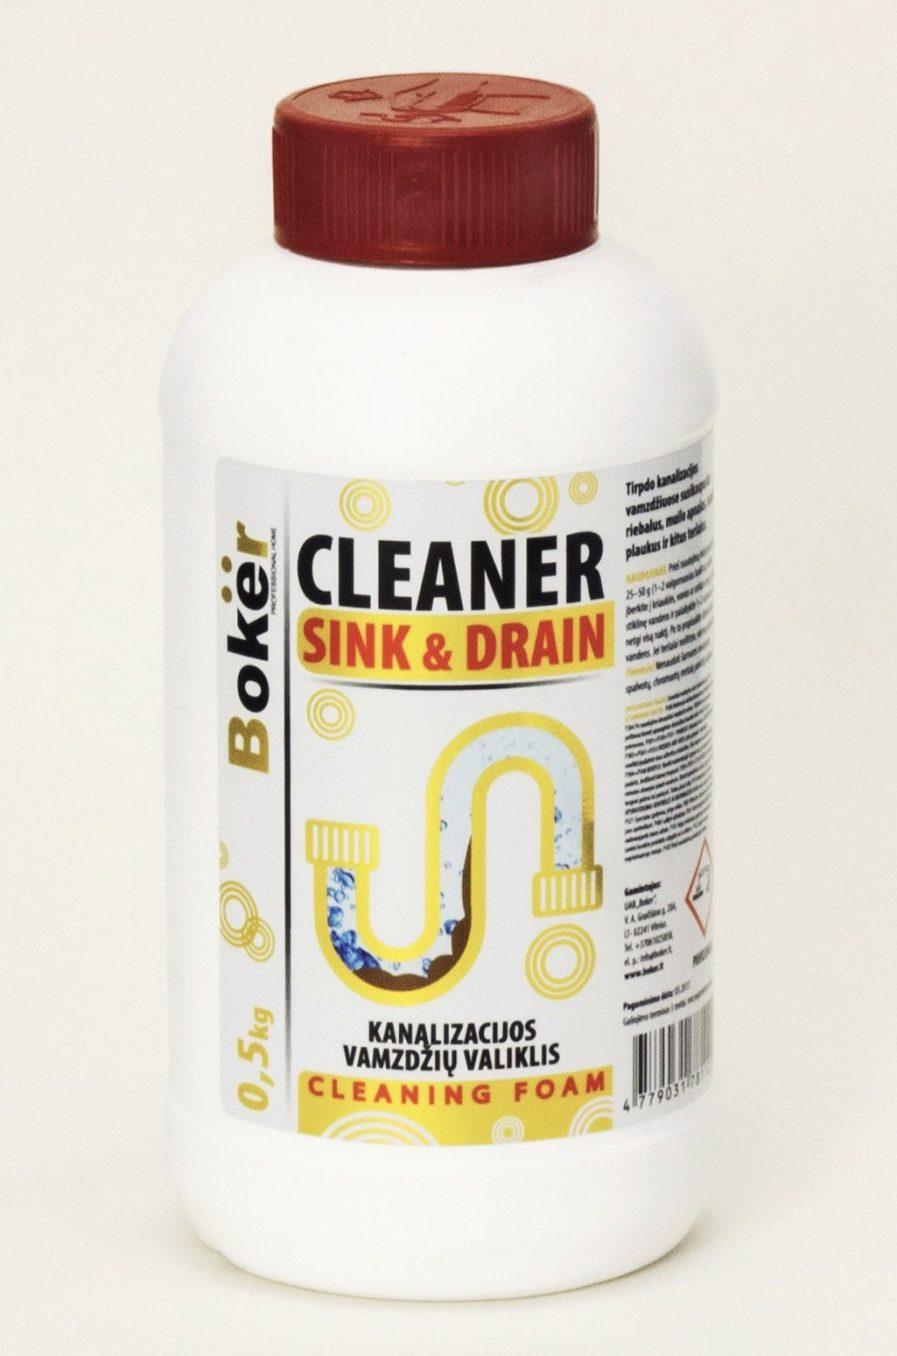 Boker kanalizacijos vamzdžių valiklis(500g)